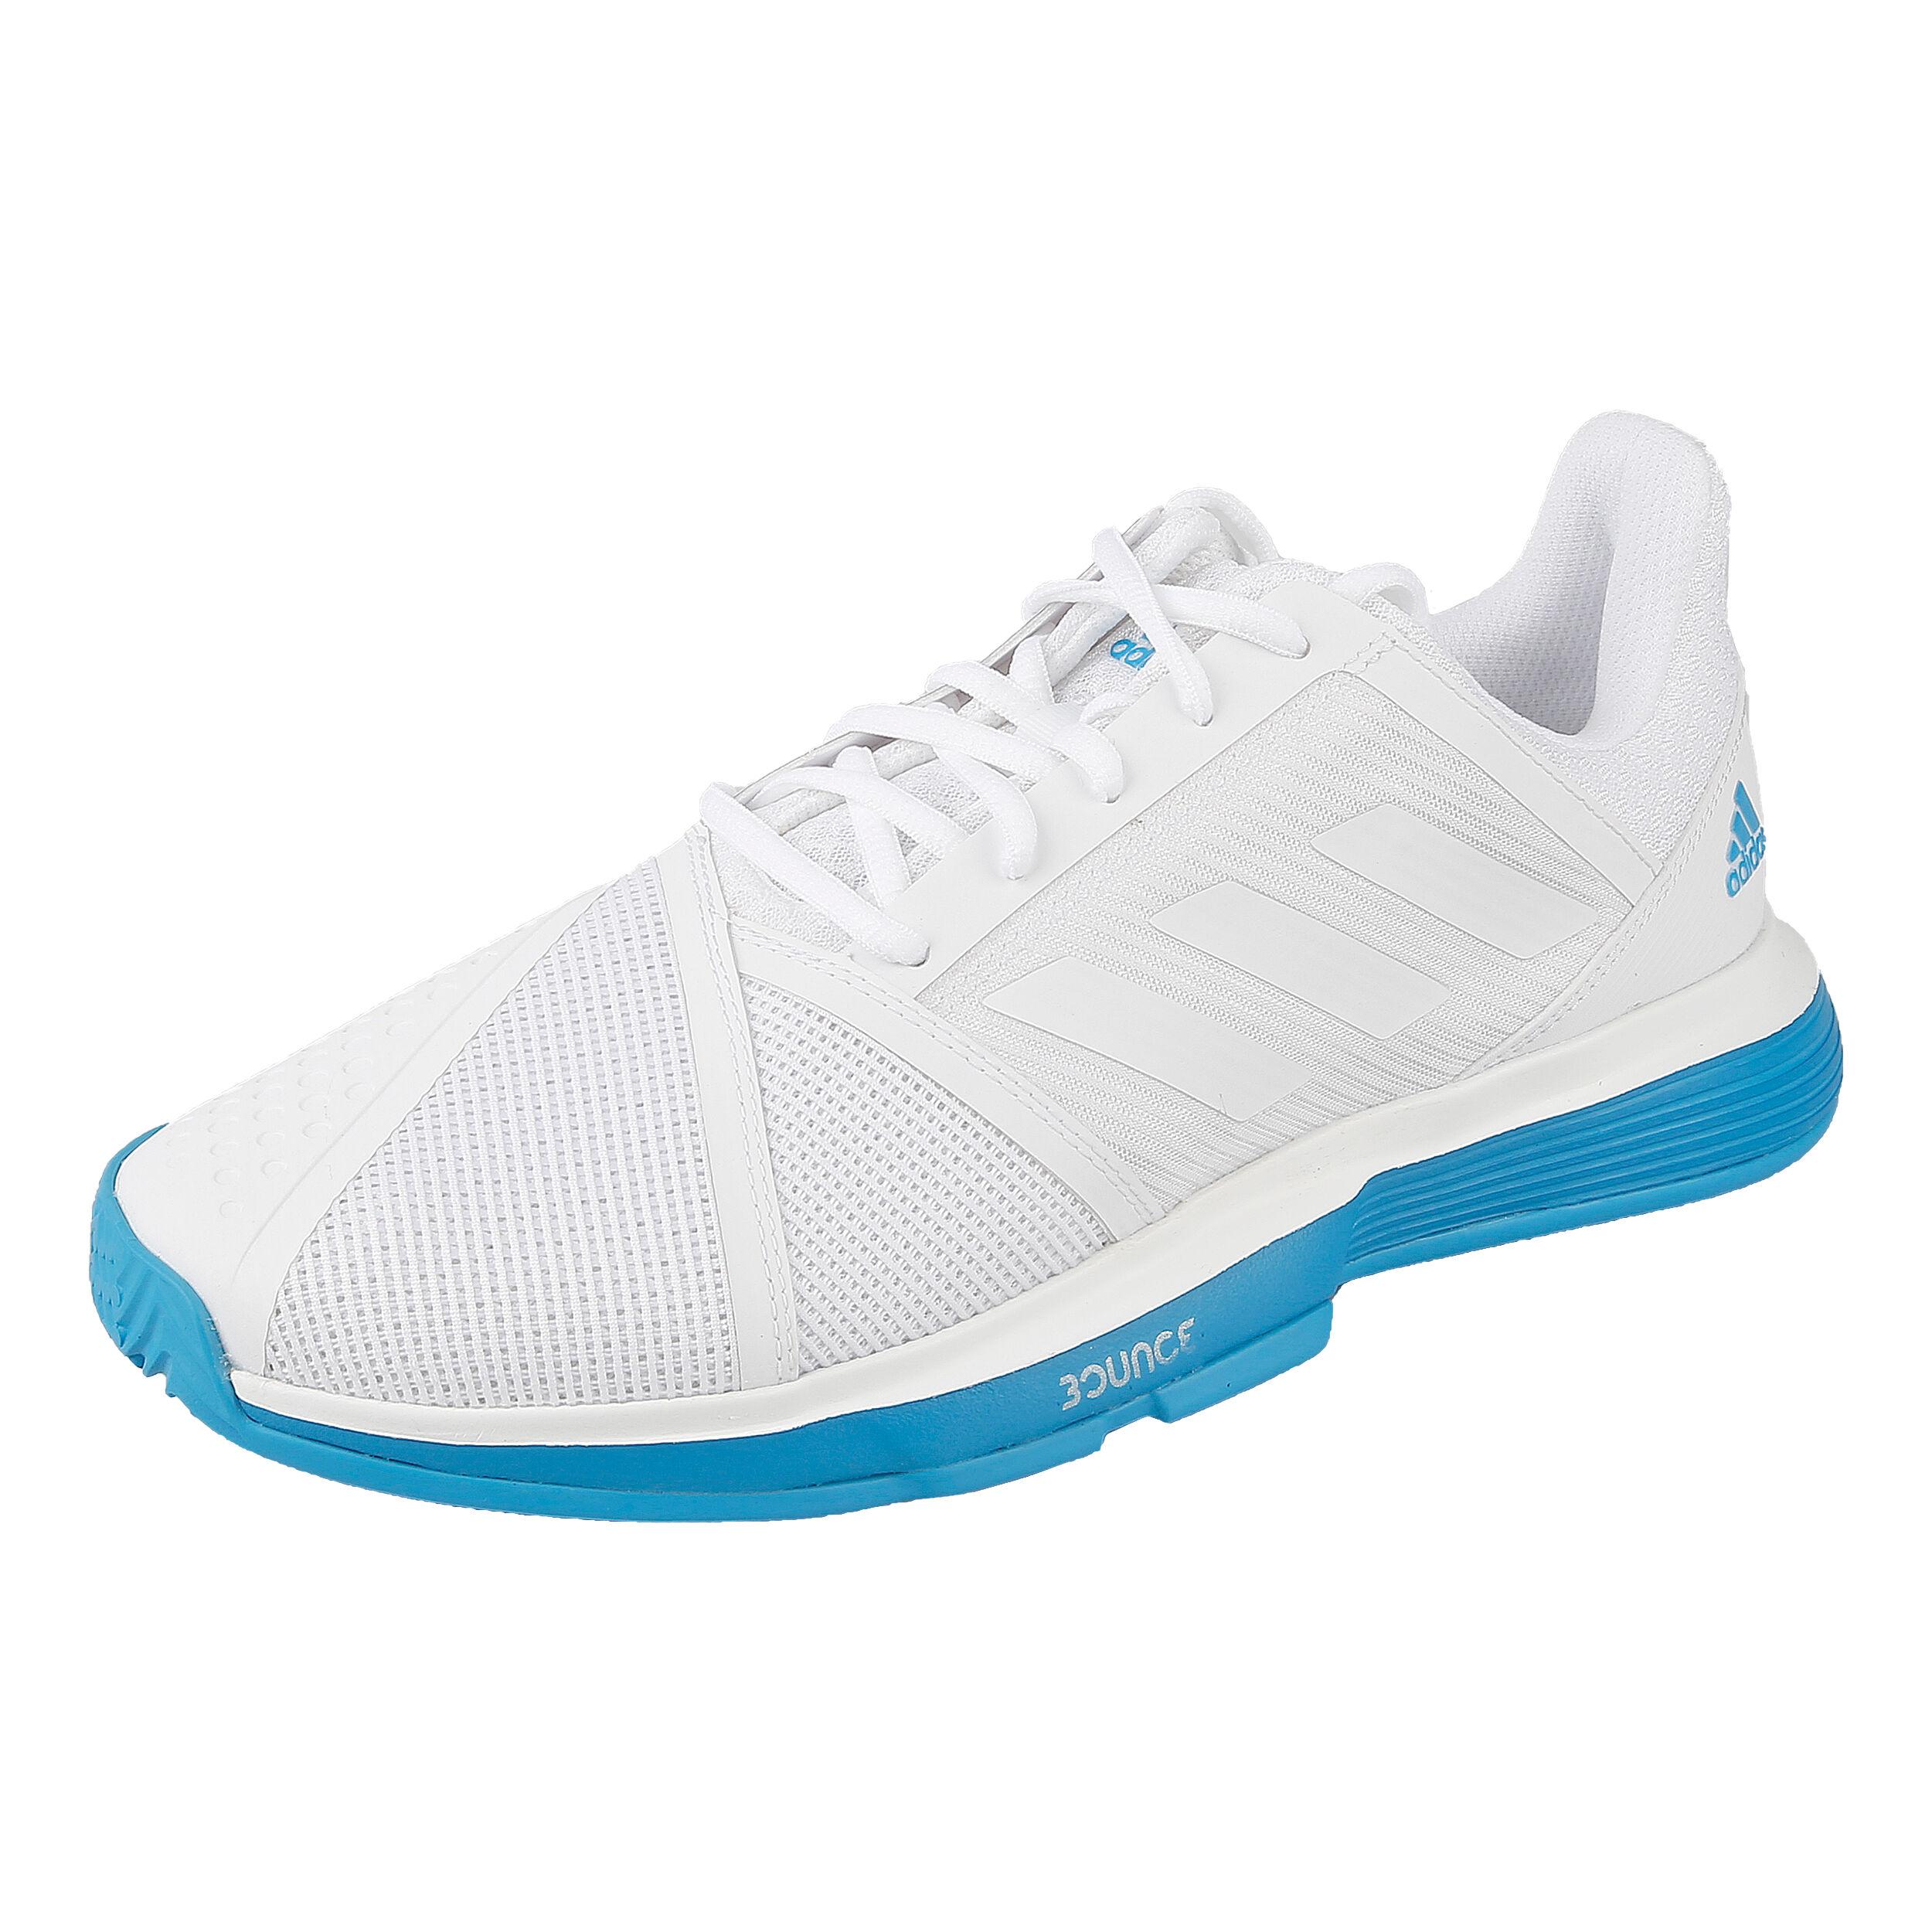 Herren Jam Adidas Bounce Allcourtschuh Court Online WeißBlau PXZkuiO